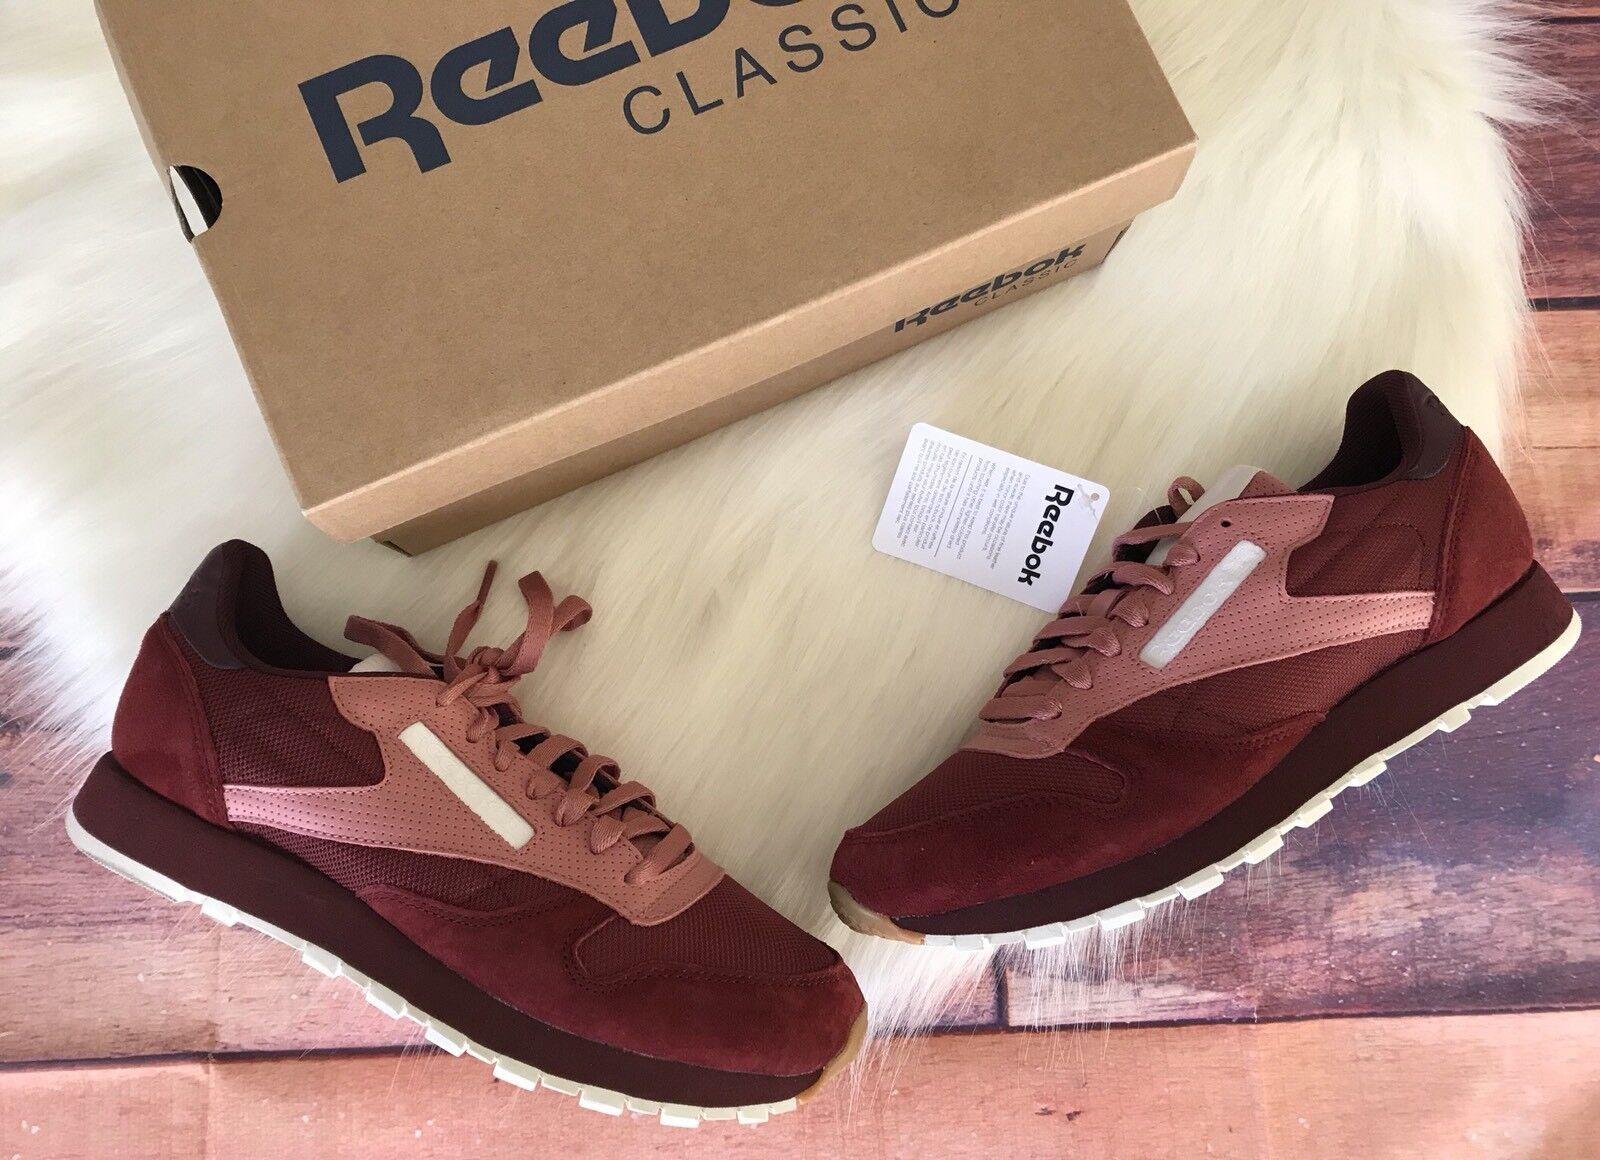 Reebok Classic Leather SM Sneakers Size 8 Berry New In Box Suede Scarpe classiche da uomo